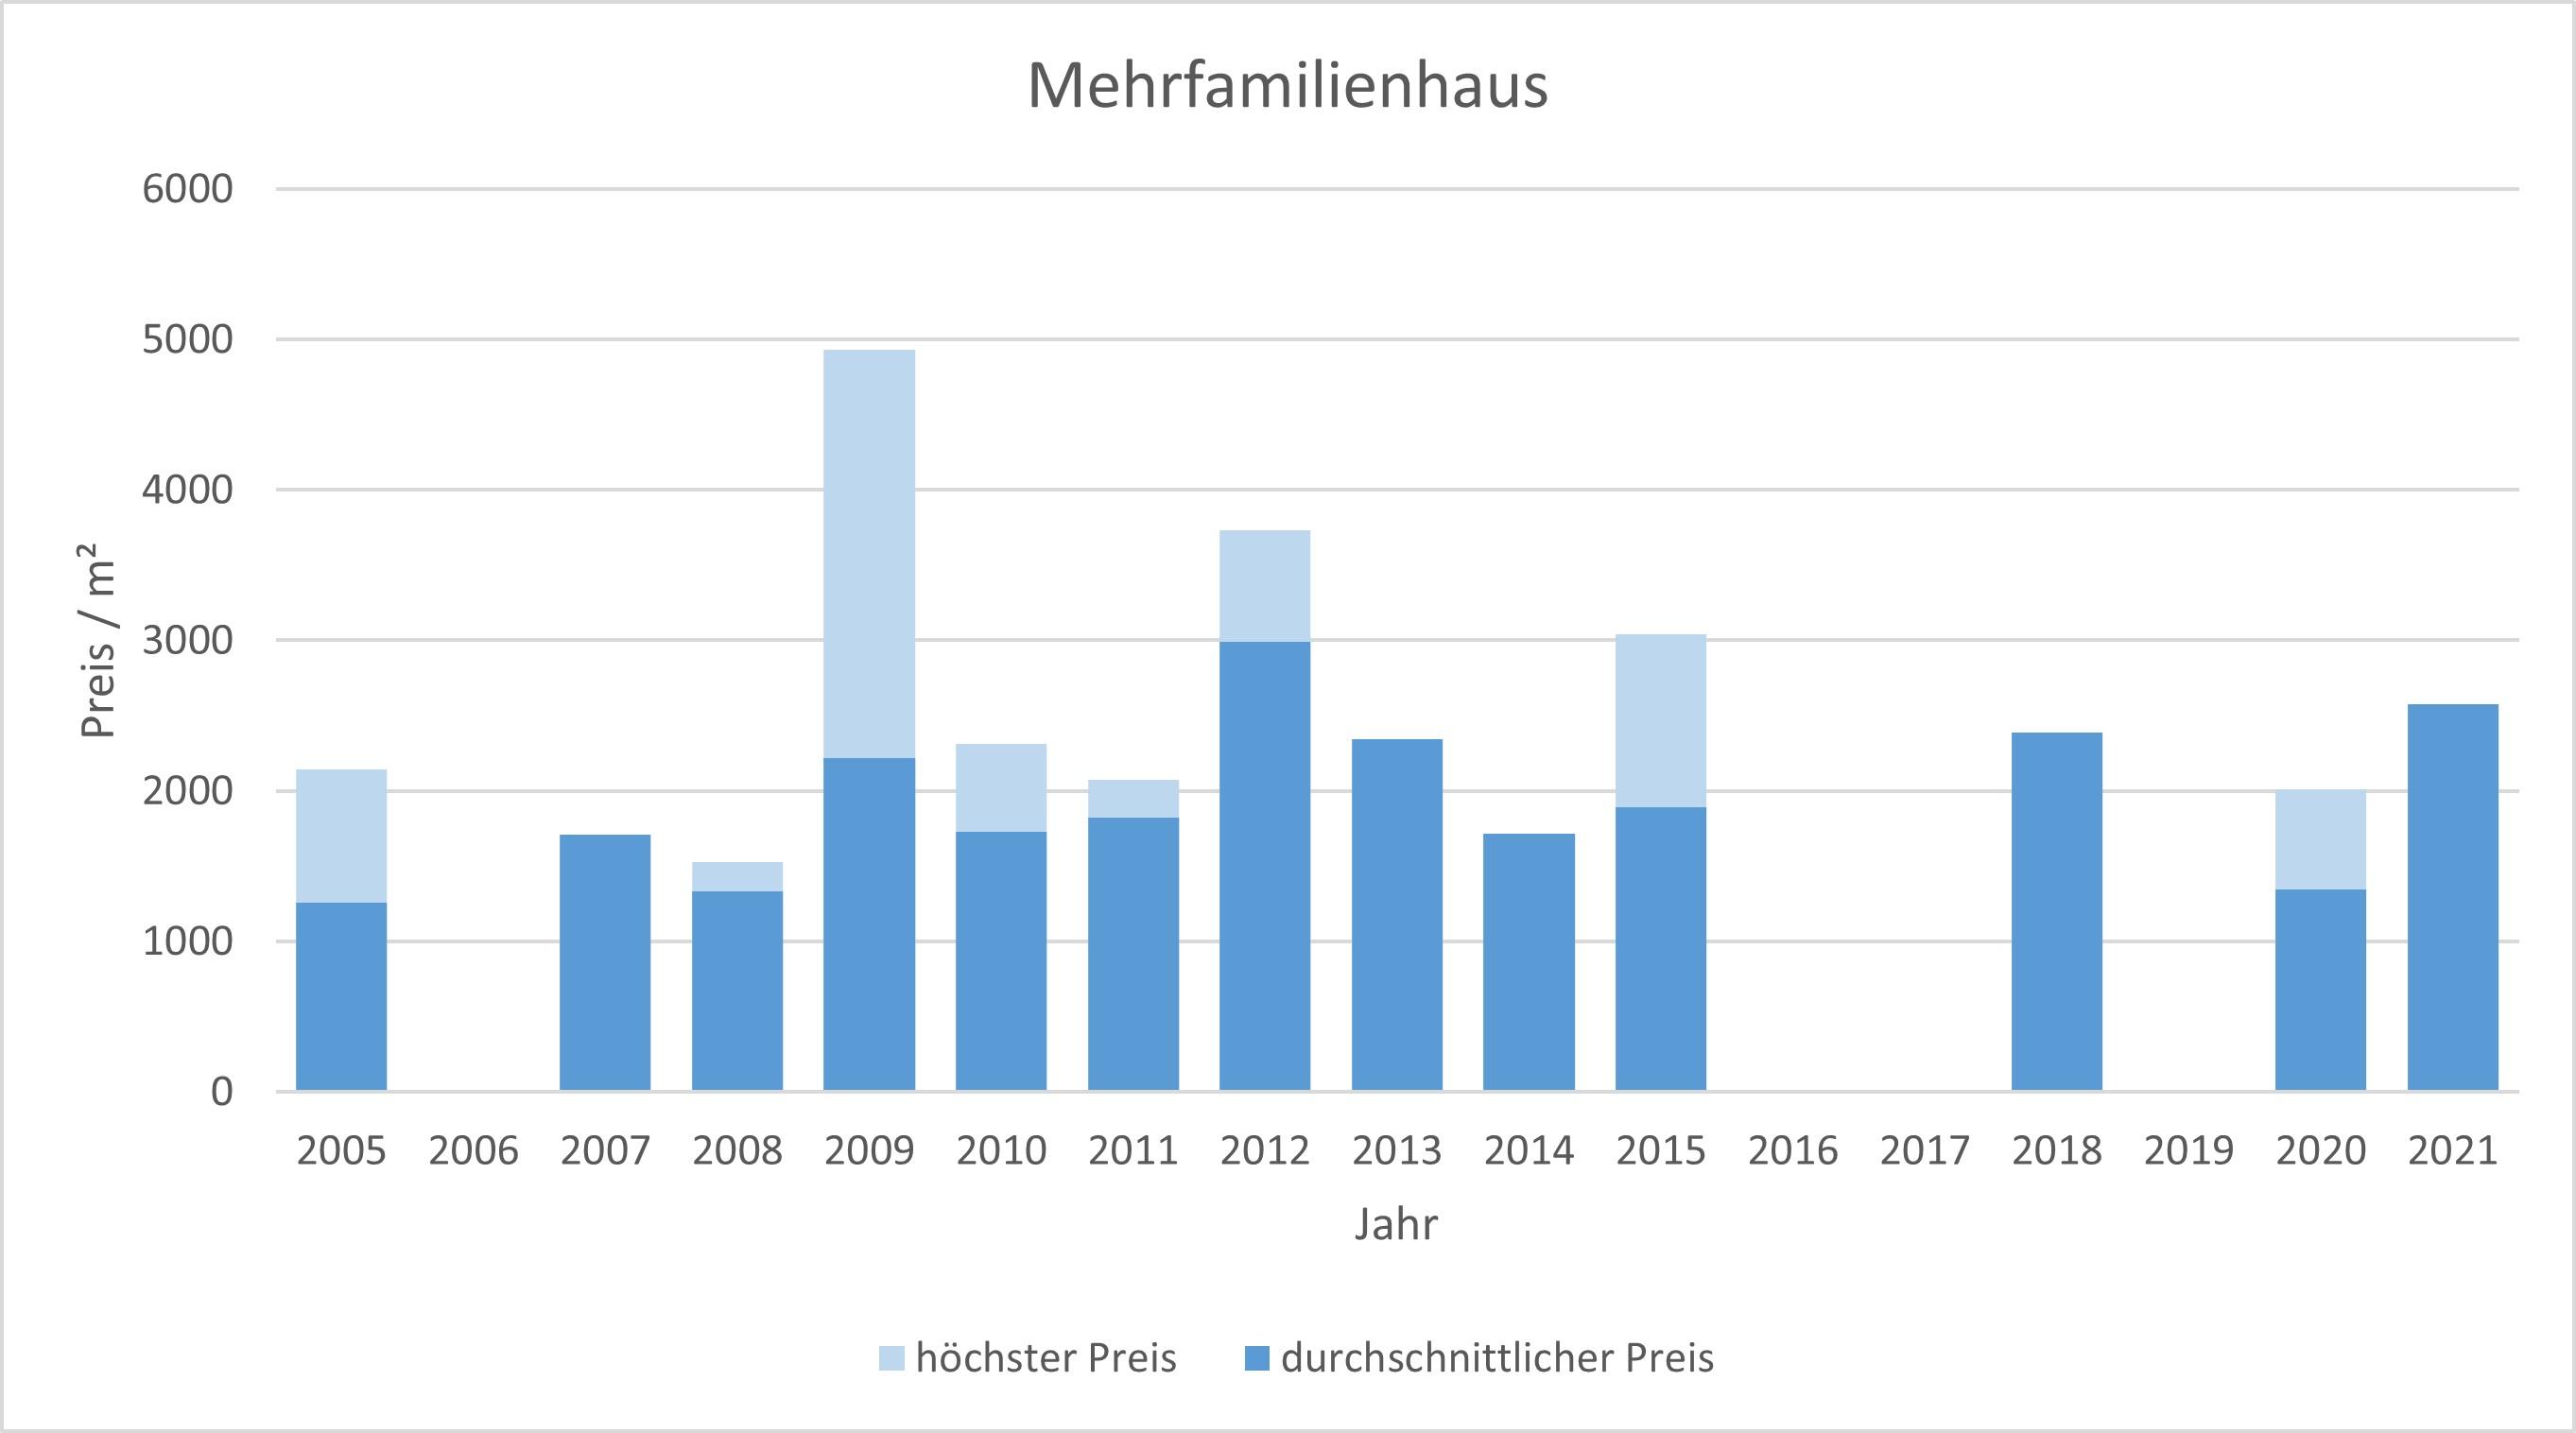 Bayrischzell makler mehrfamilienhaus kaufen verkaufen preis bewertung www.happy-immo.de 2019, 2020, 2021